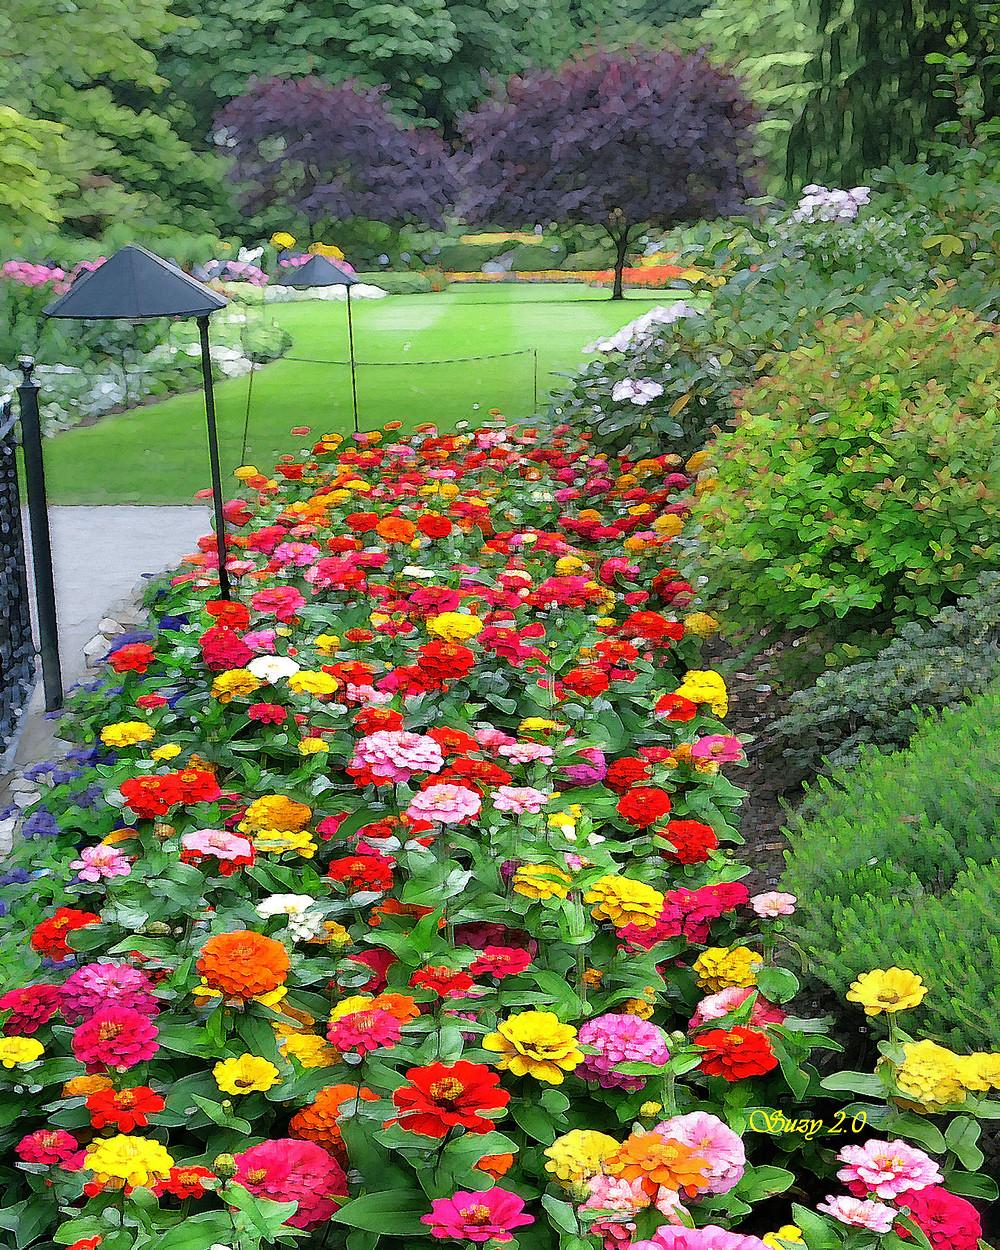 Blooming Zinnias in Butchart's Sunken Garden; Suzy 2.0